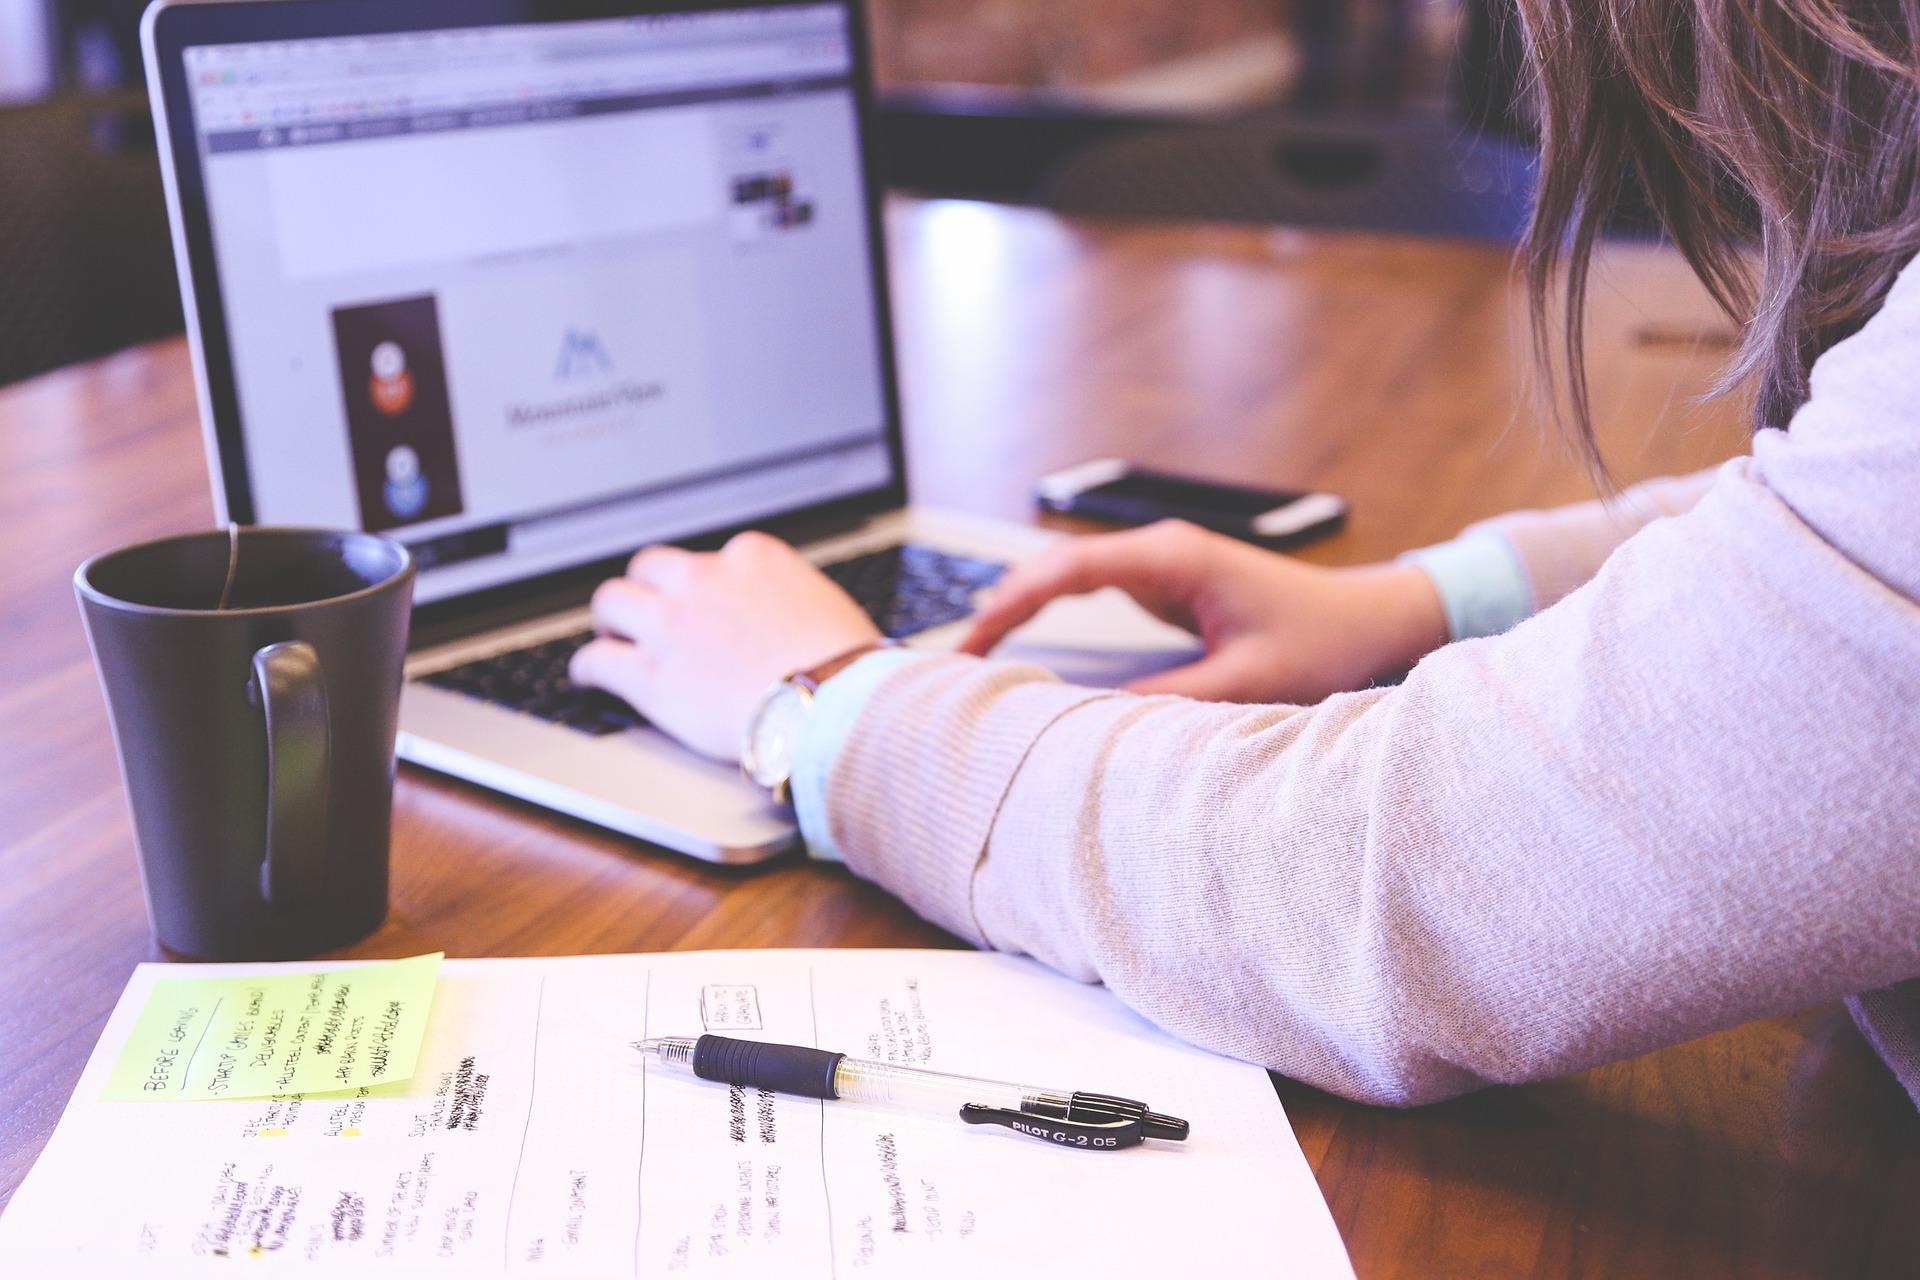 student 849822 1920 - WordPress Popular Postsの設定やカスタマイズの方法まとめ!人気記事をランキング形式で表示